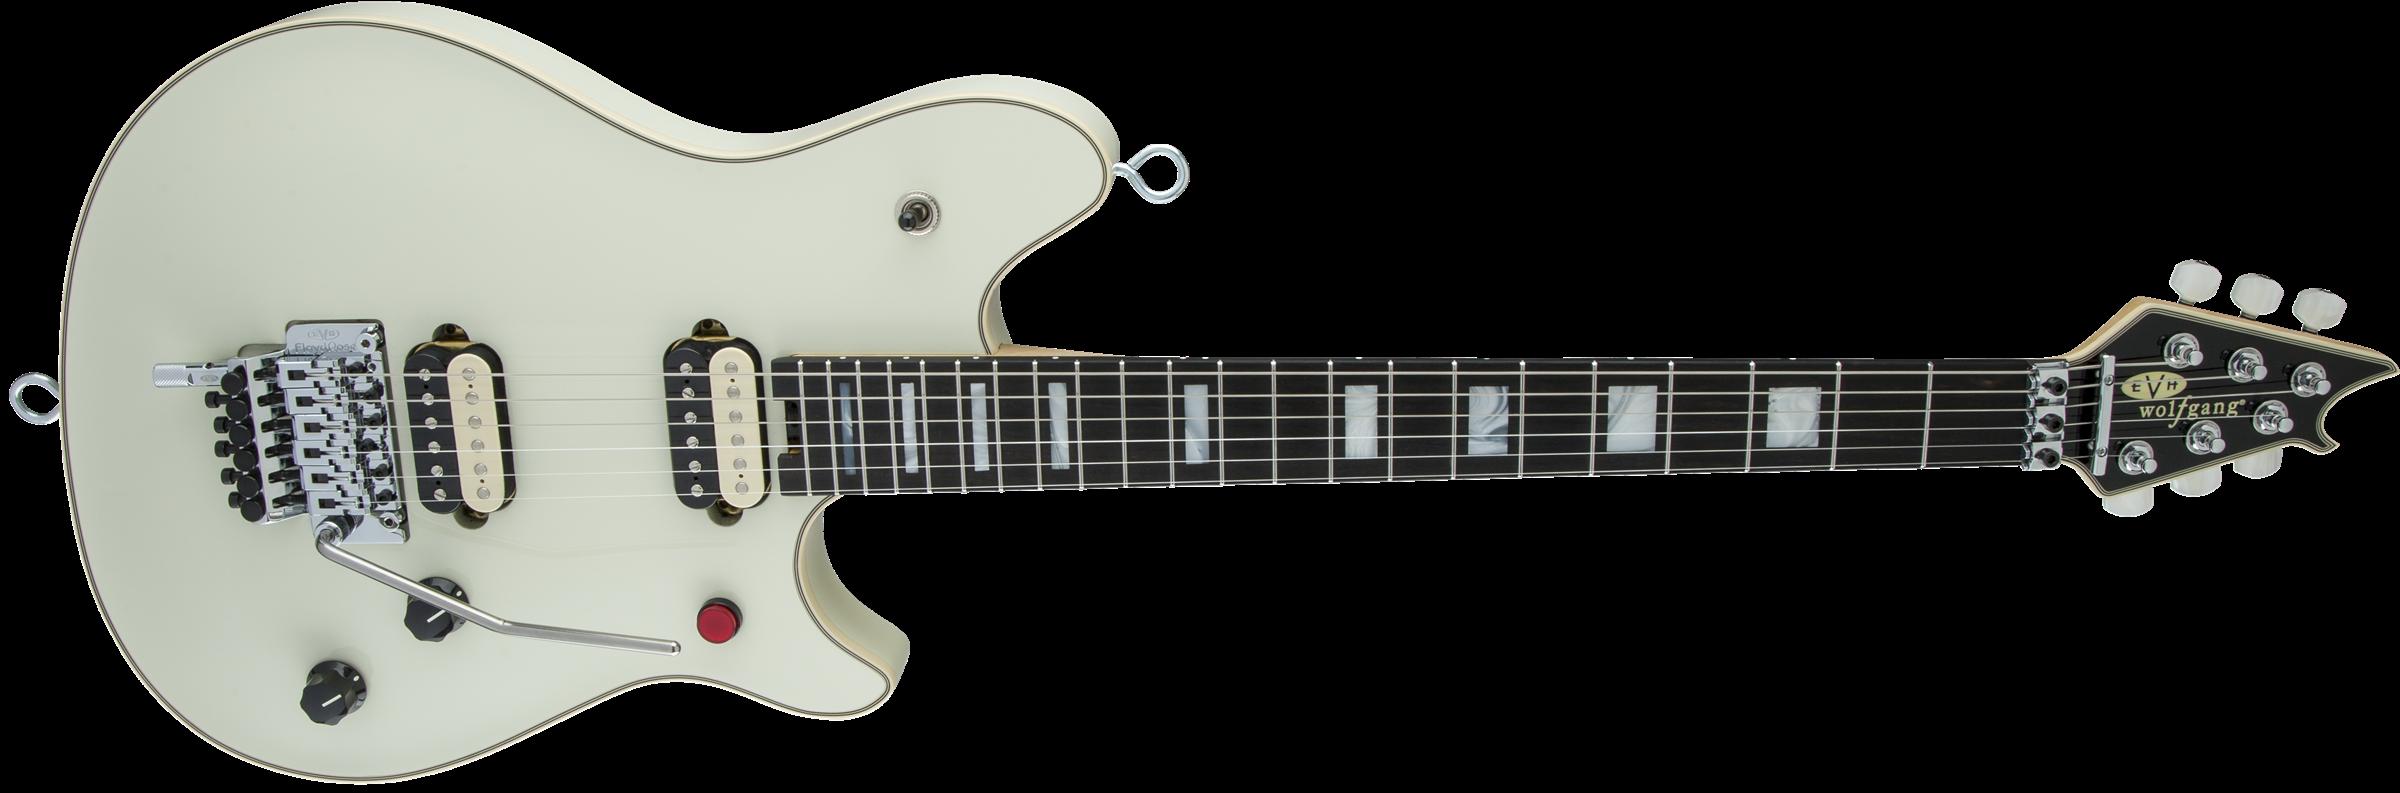 02a3d184f95 Wolfgang® USA Edward Van Halen Signature